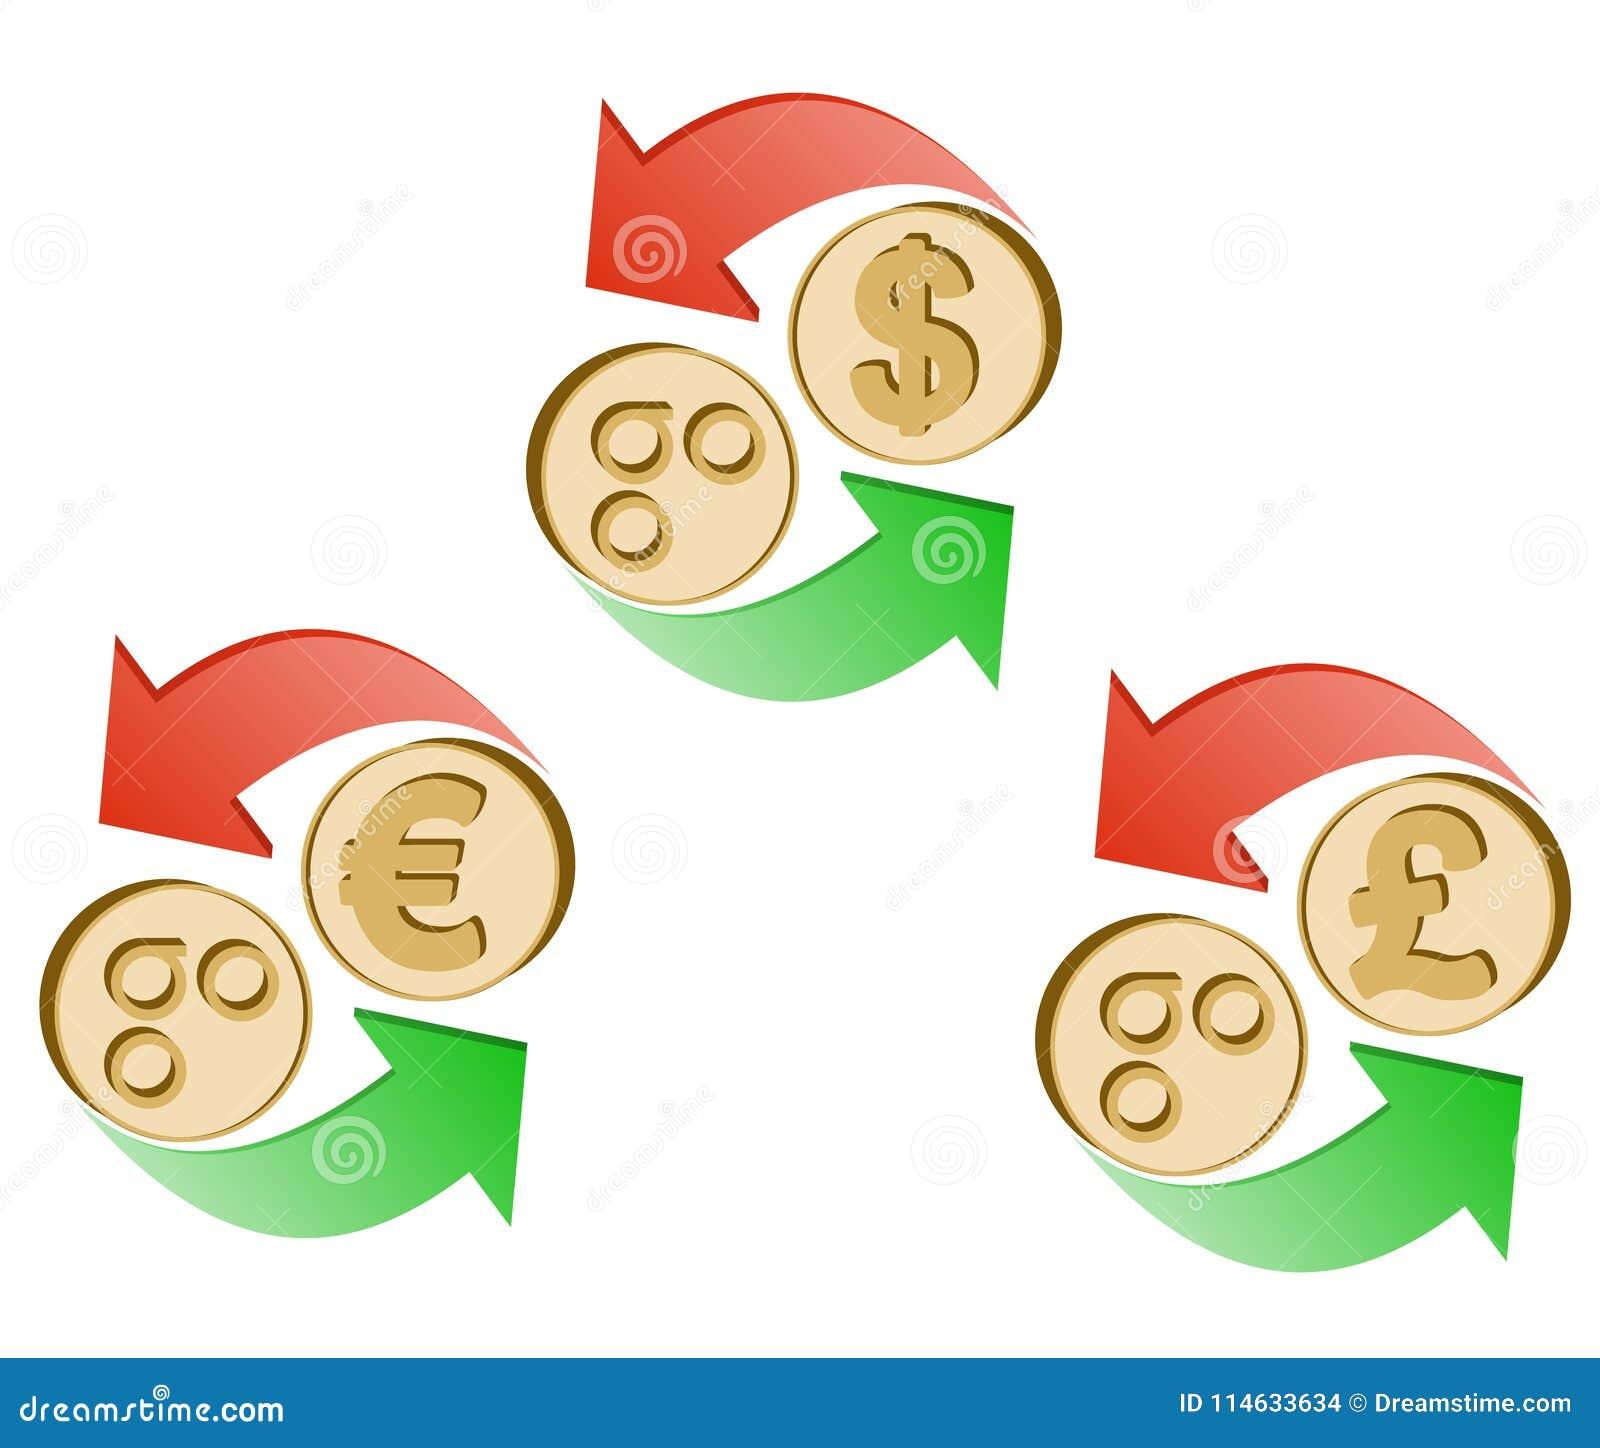 Обменяйте omisego к доллару, евро и английскому фунту